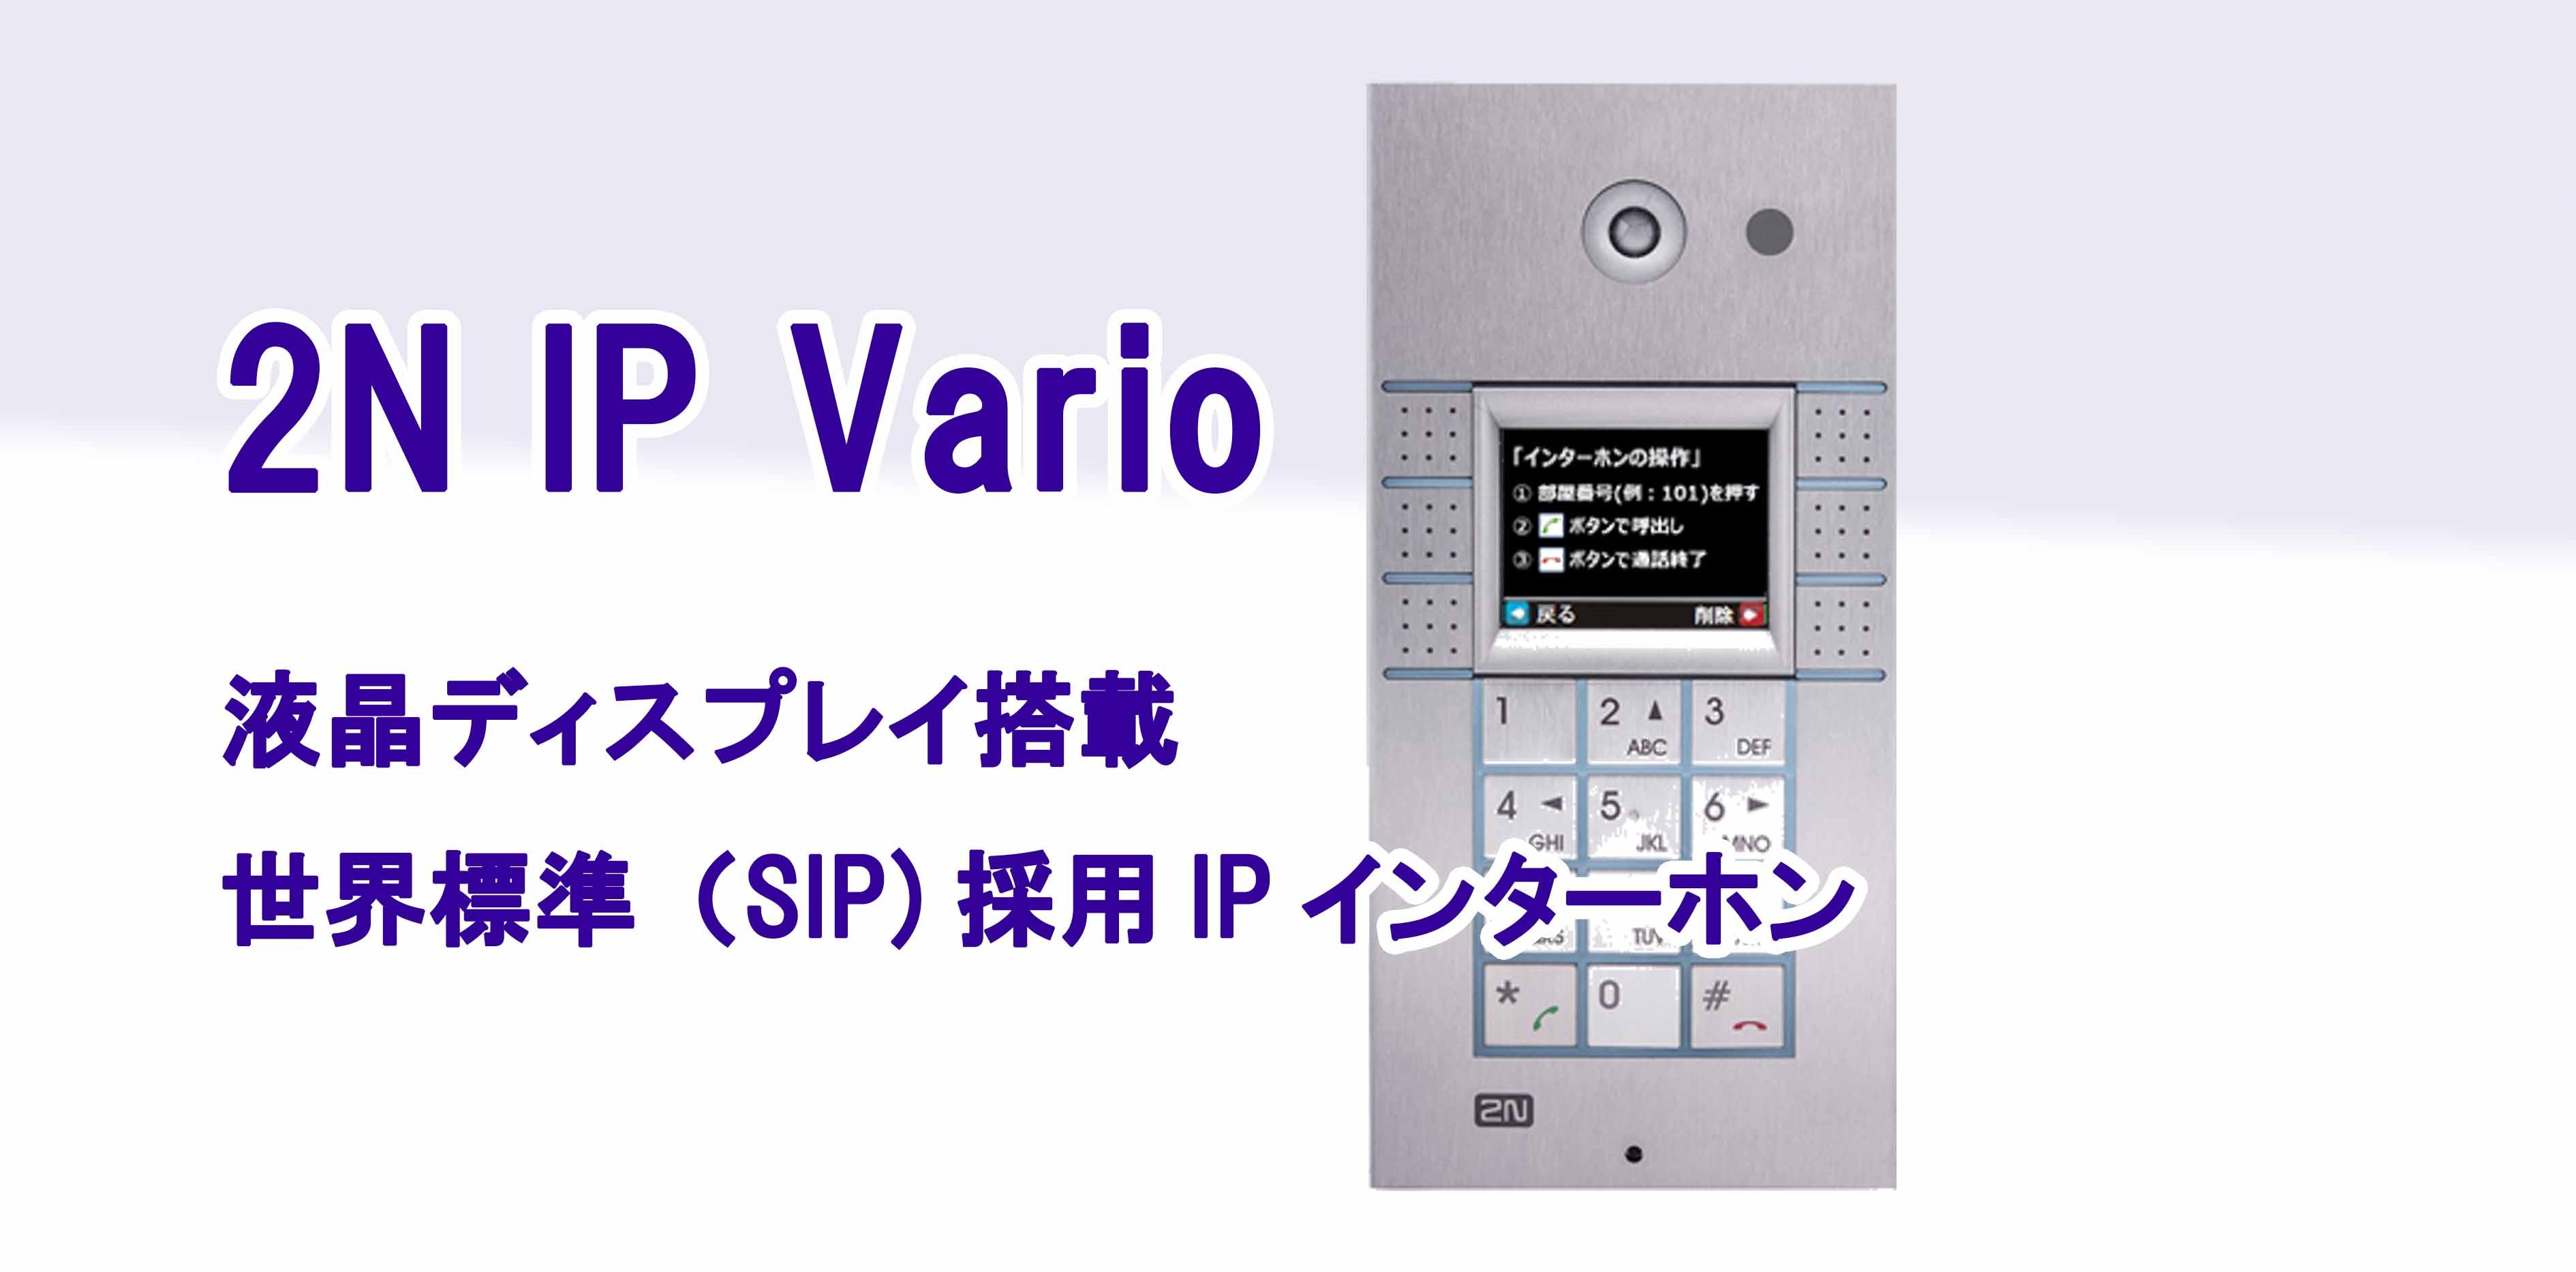 IP Vario